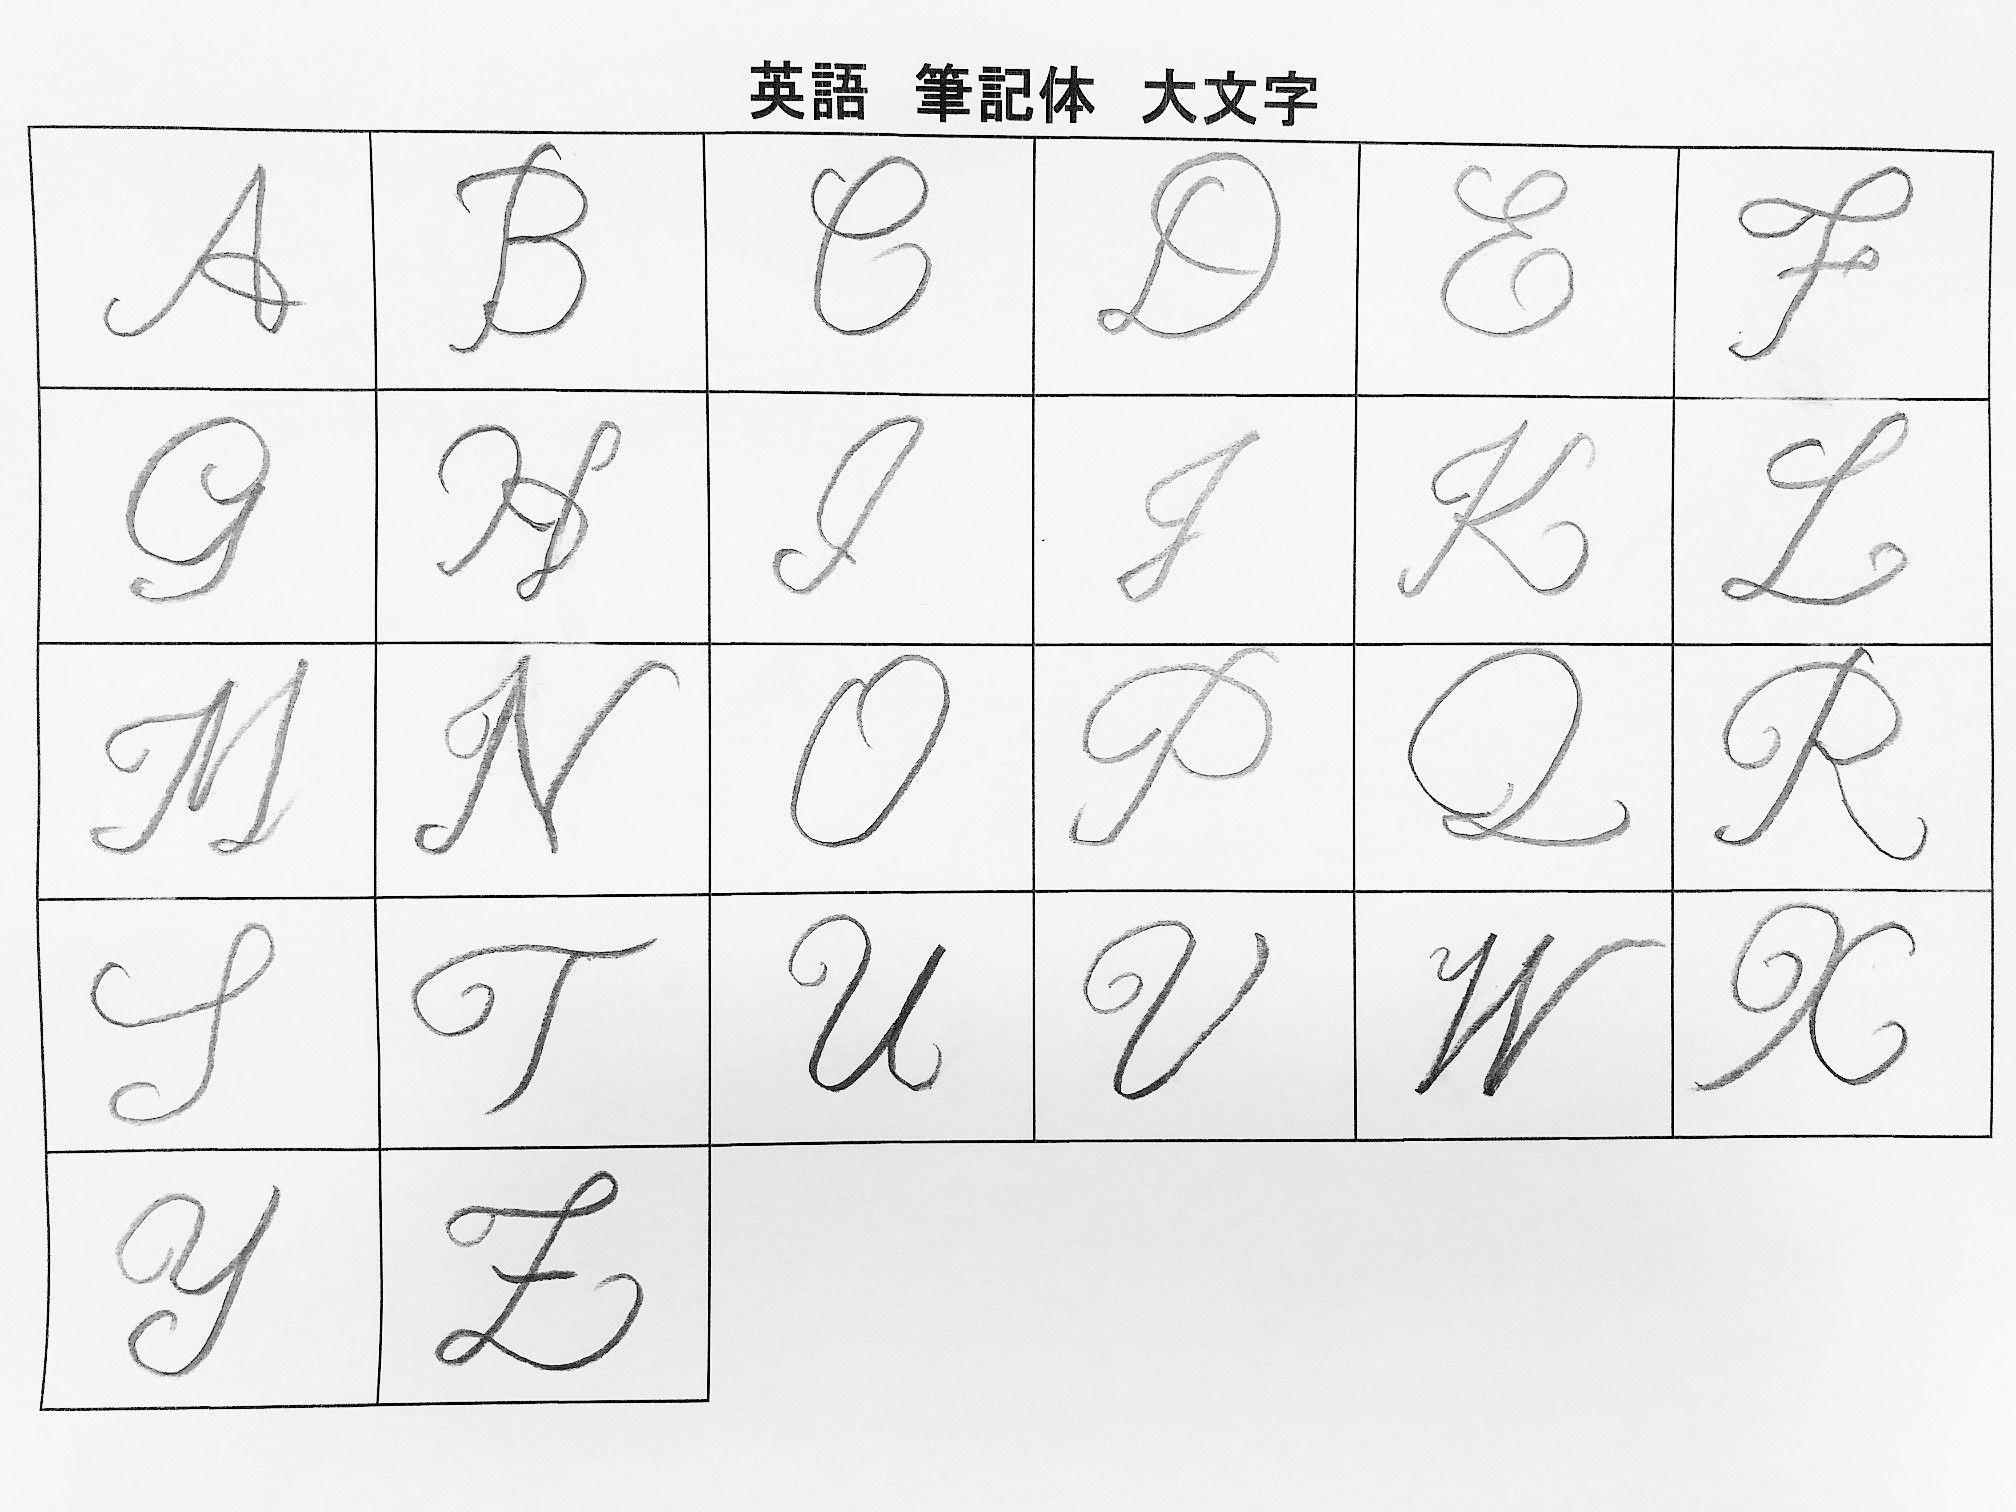 英語筆記体の書き方一覧 ローマ字の大文字 小文字を練習しよう